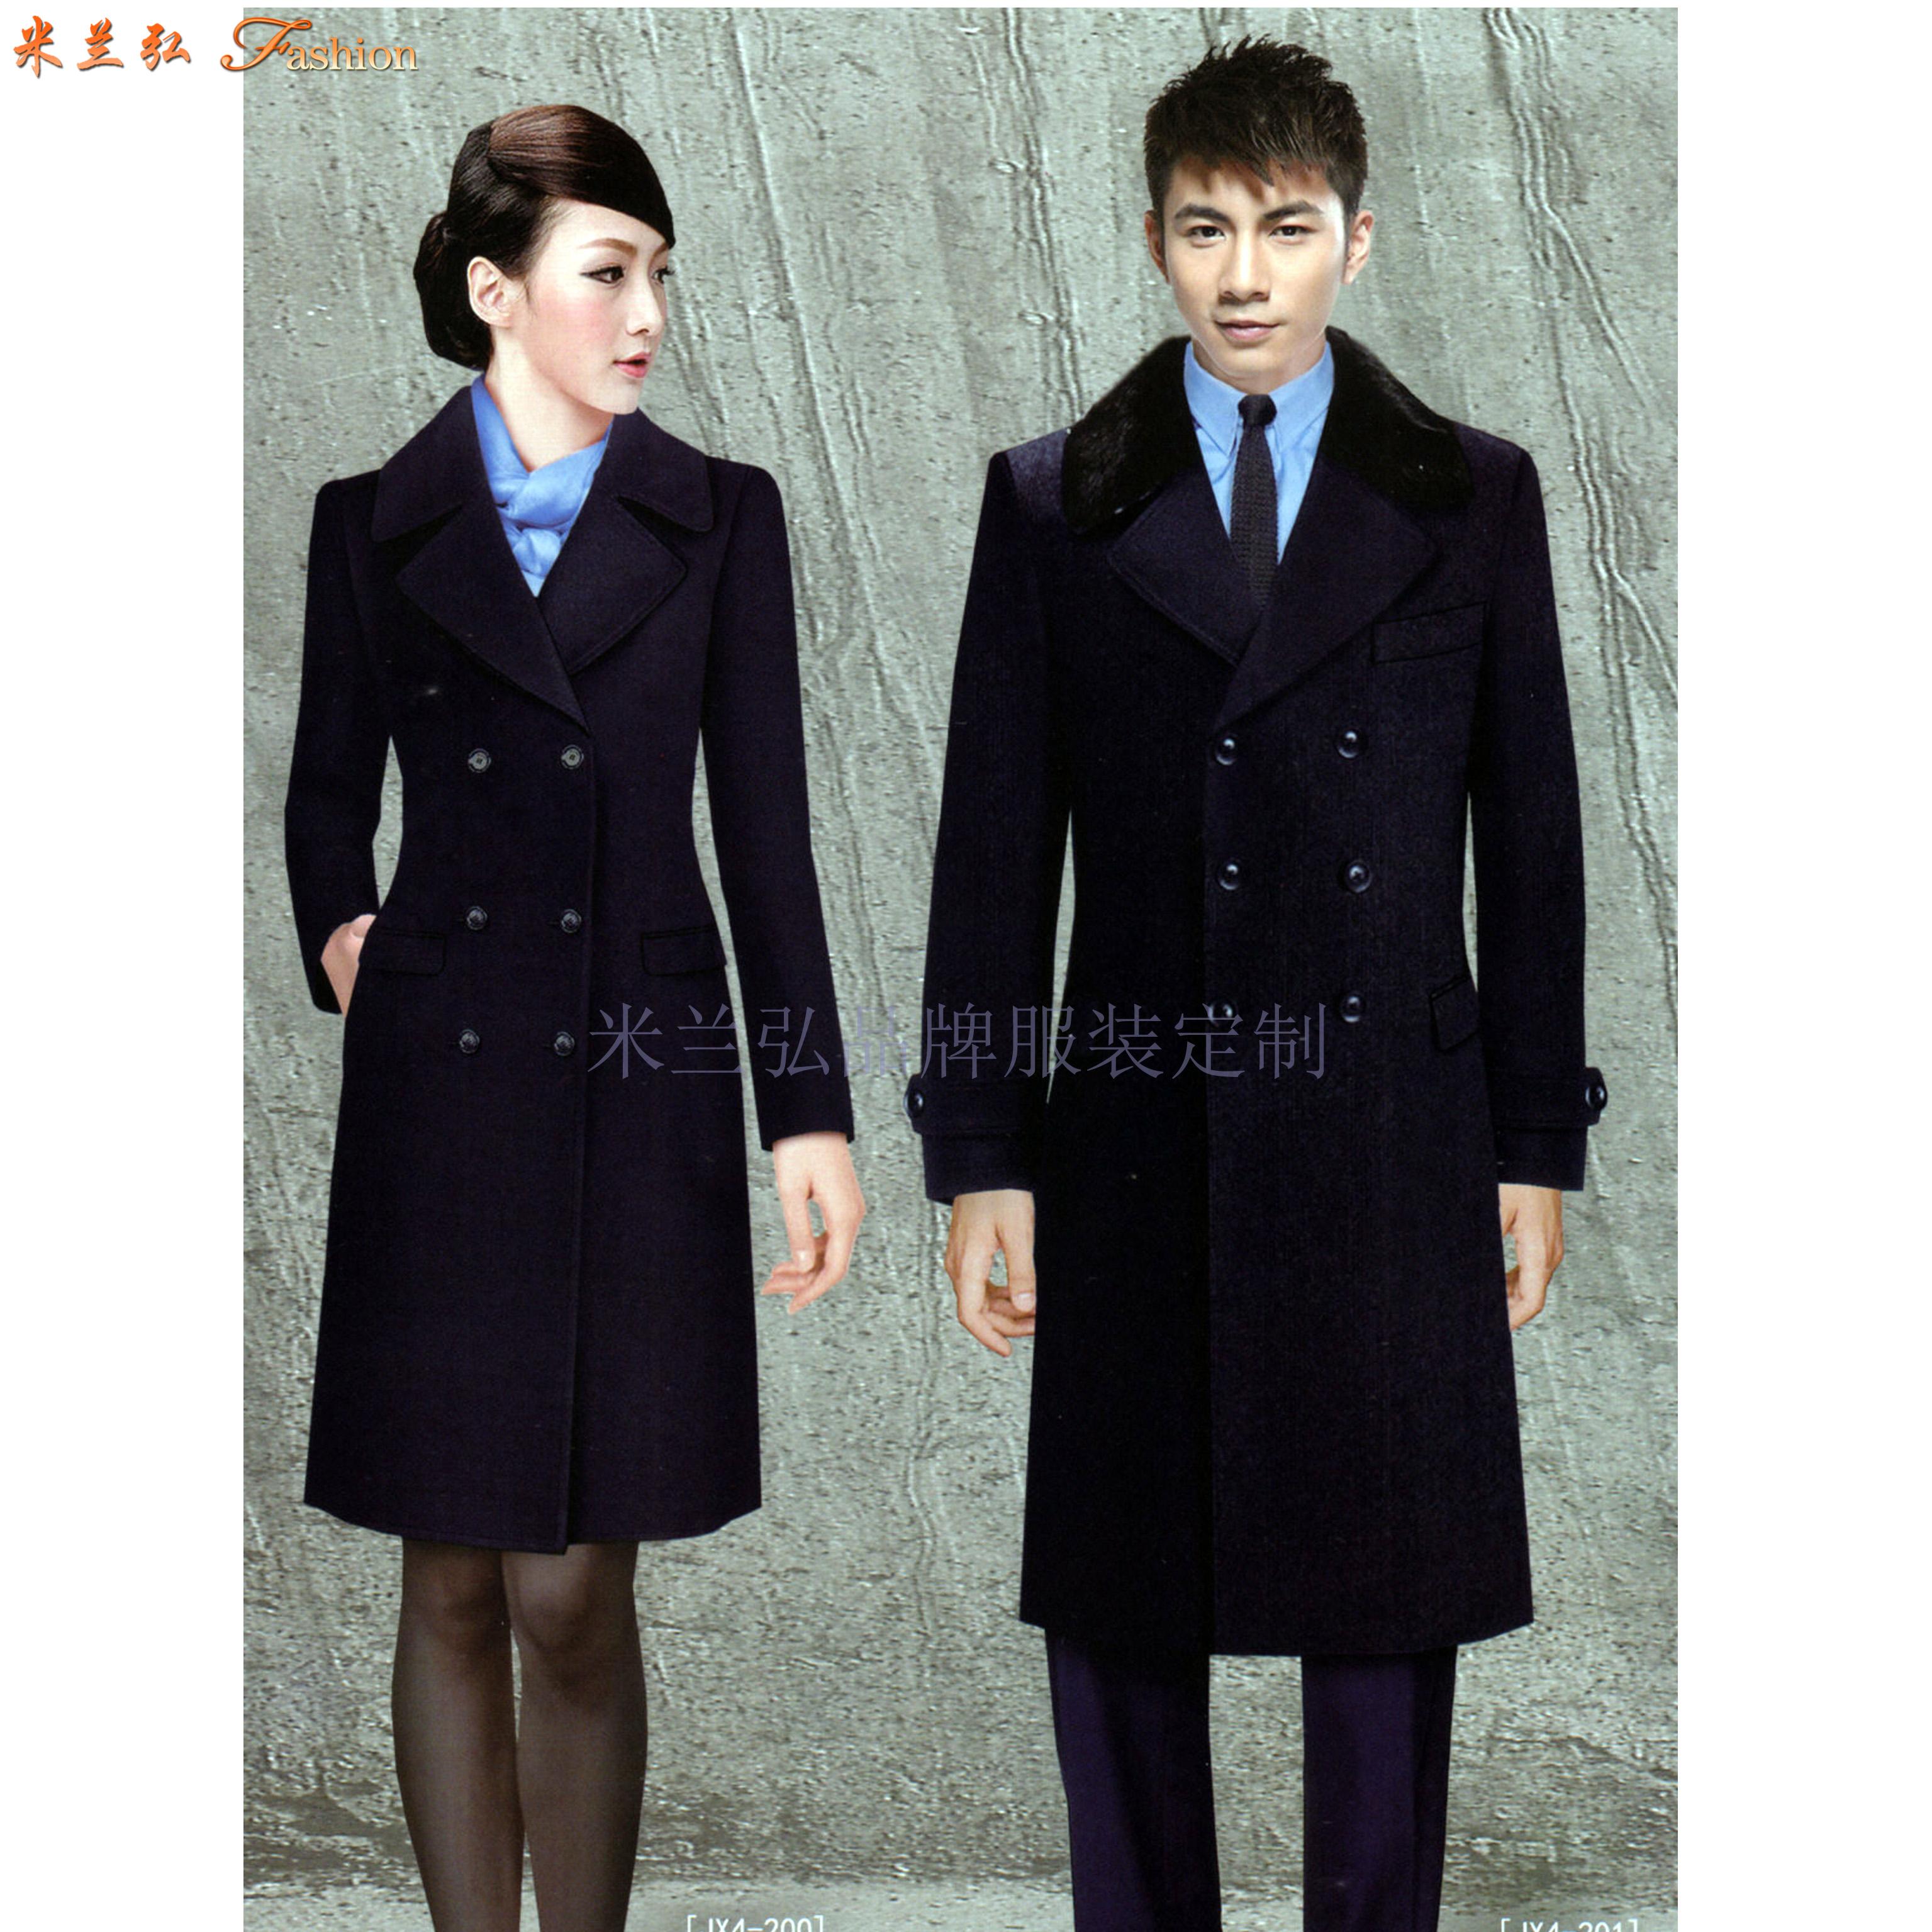 大衣定制價格多少?米蘭弘定做毛滌商務男女大衣價格低于699元-2